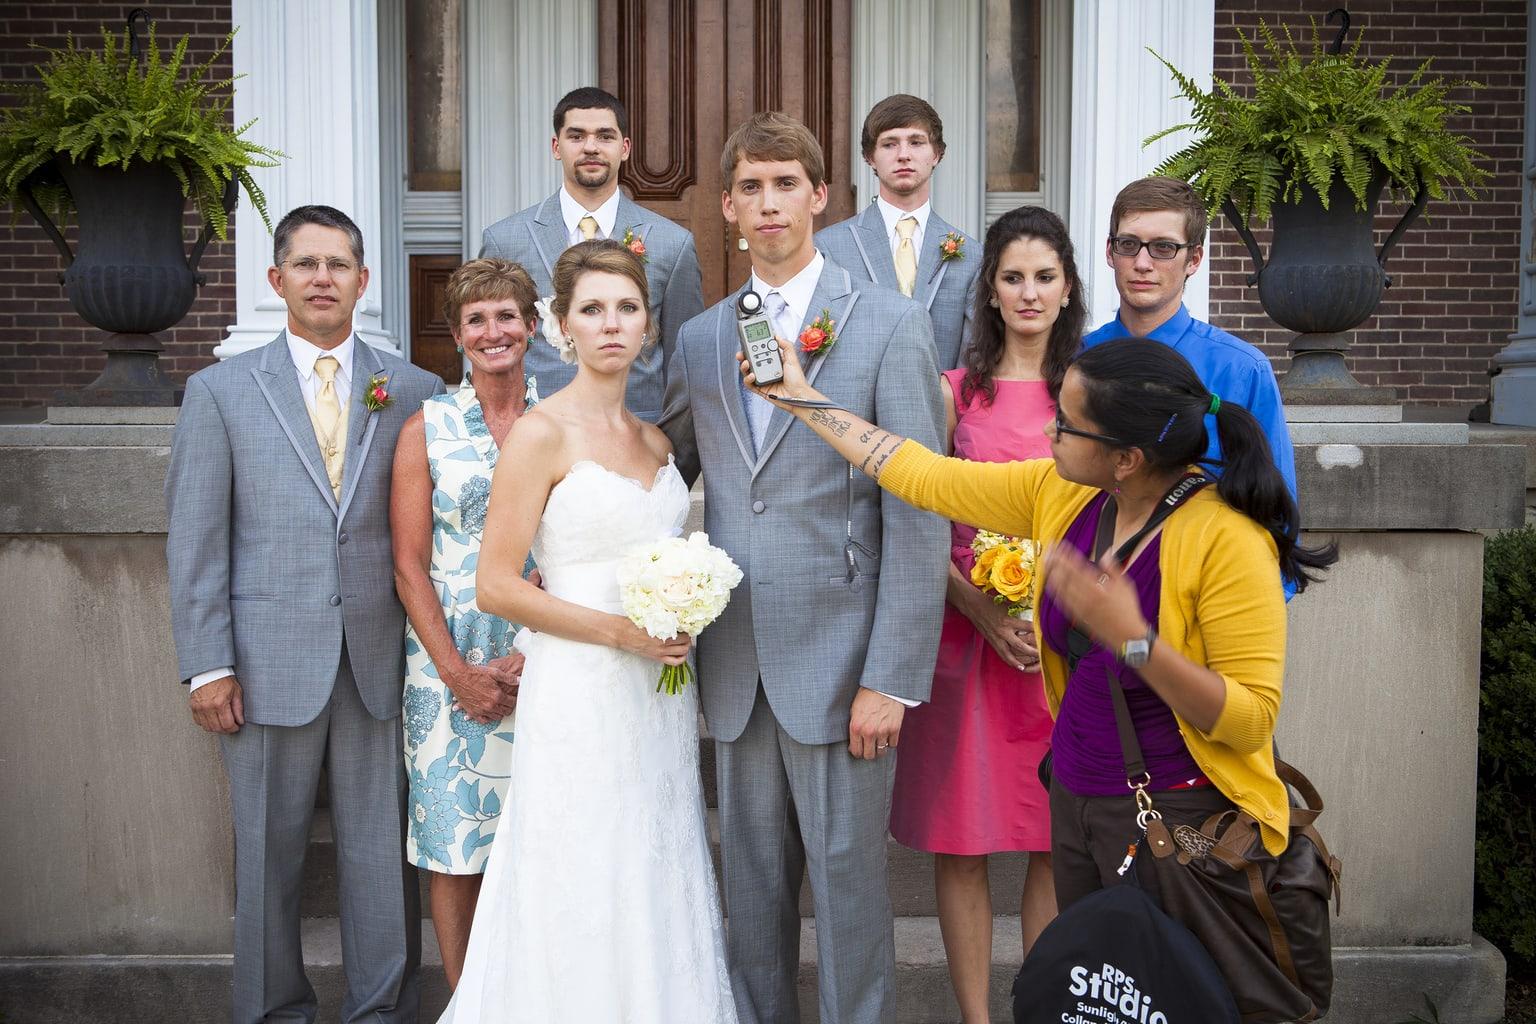 ejemplo fotografía boda con fotómetro